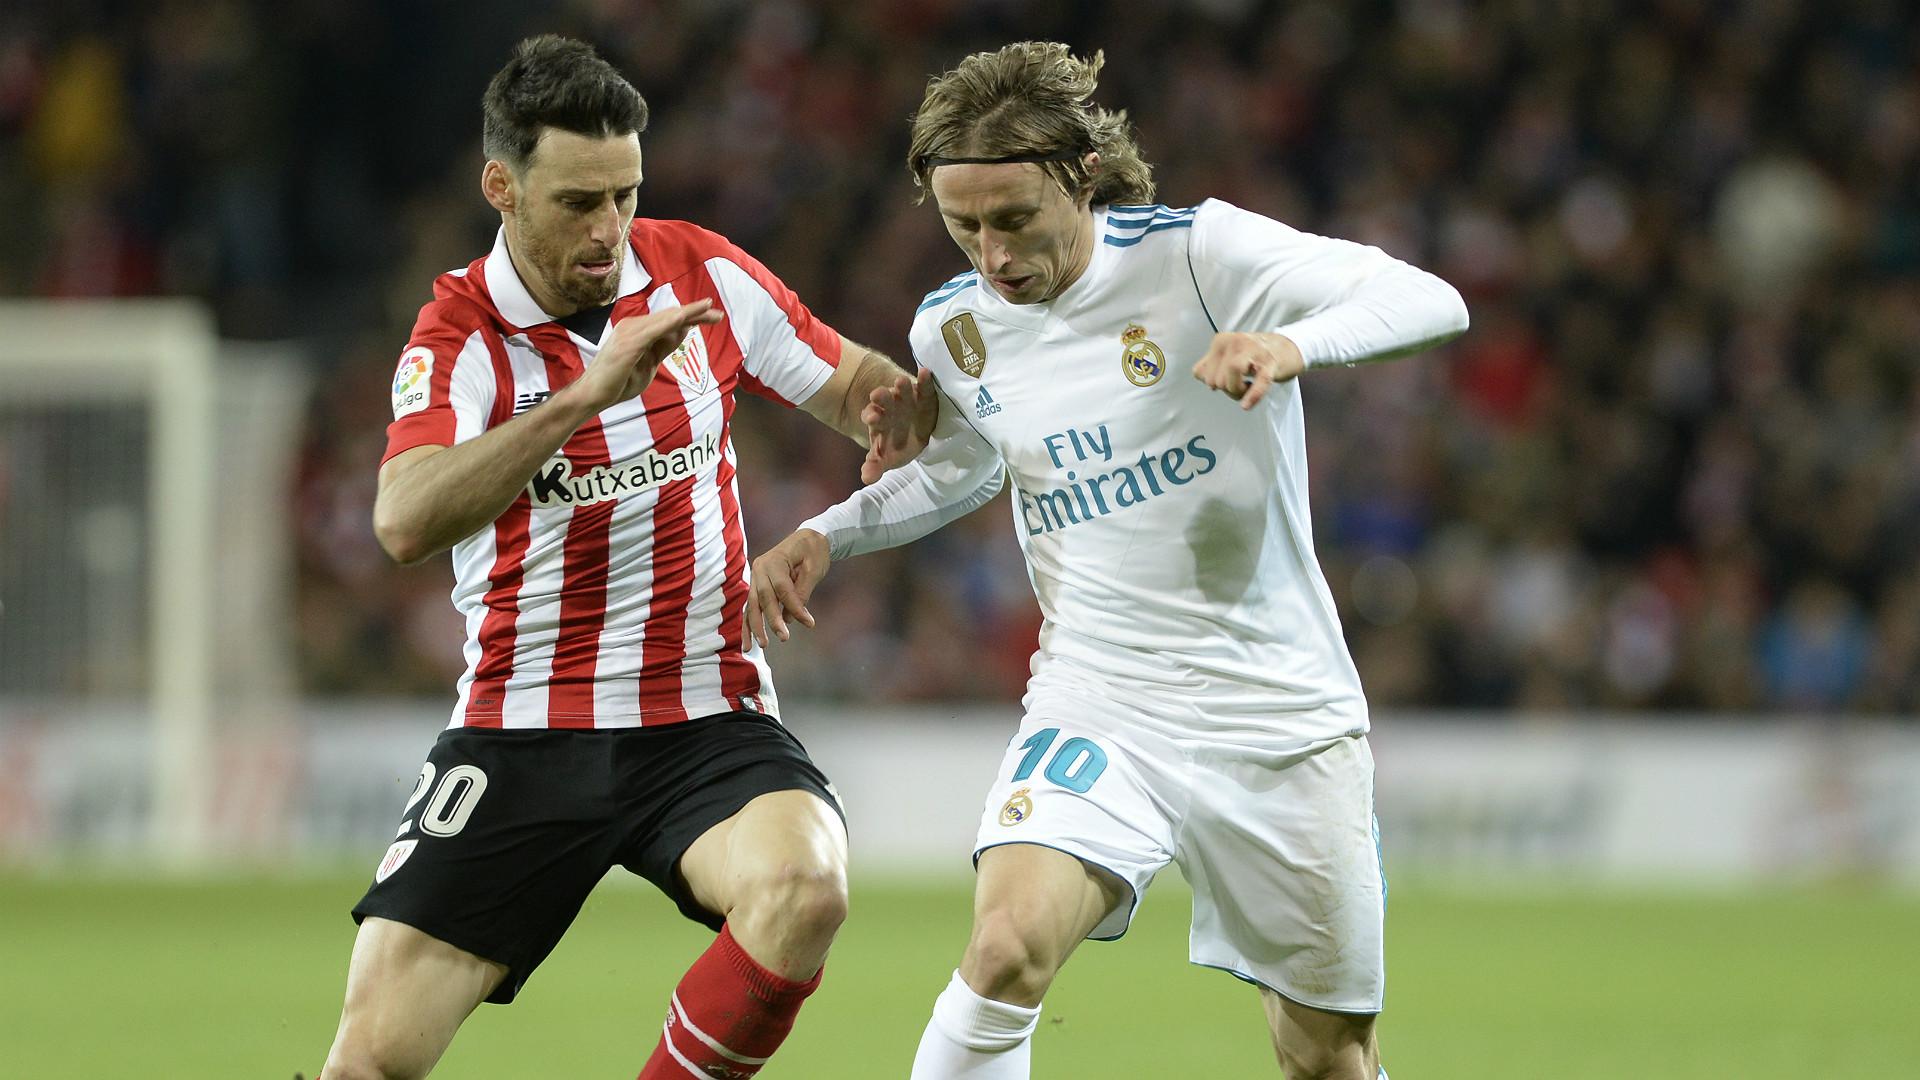 Real Madrid continua sem vencer em casa — Bernabéu virou maldição